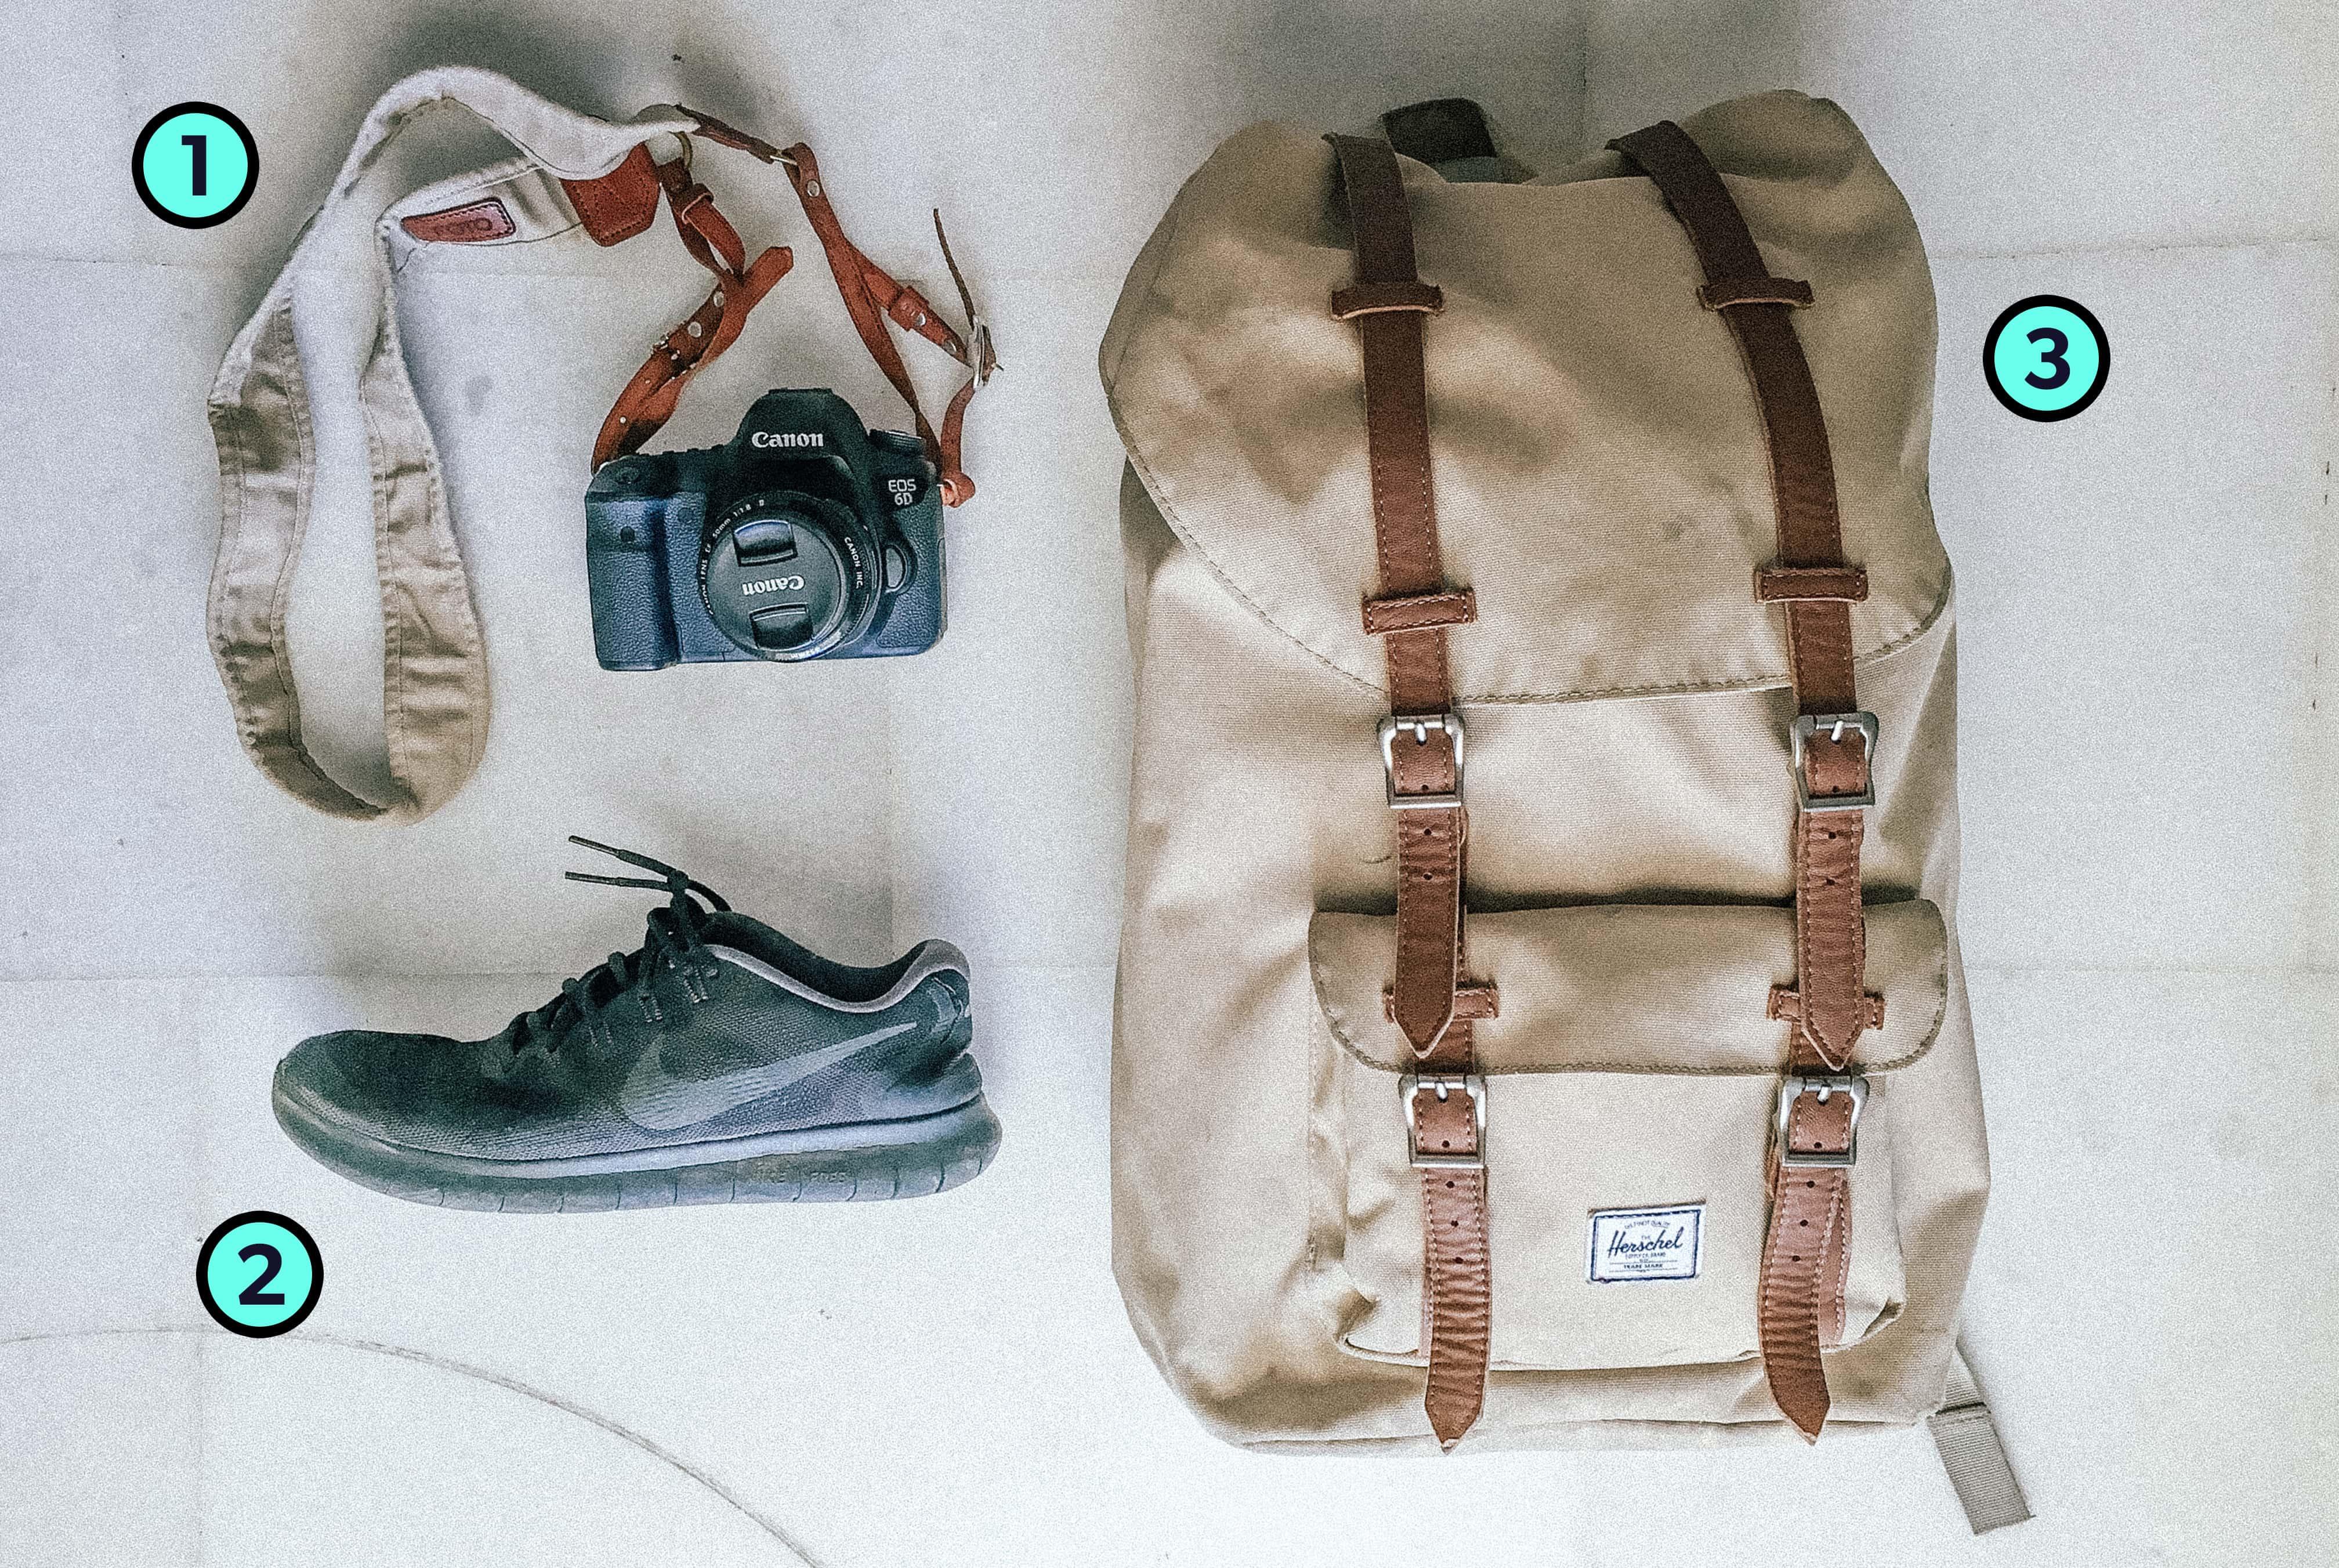 Daniel Sammut's Trusty Three Travel Items